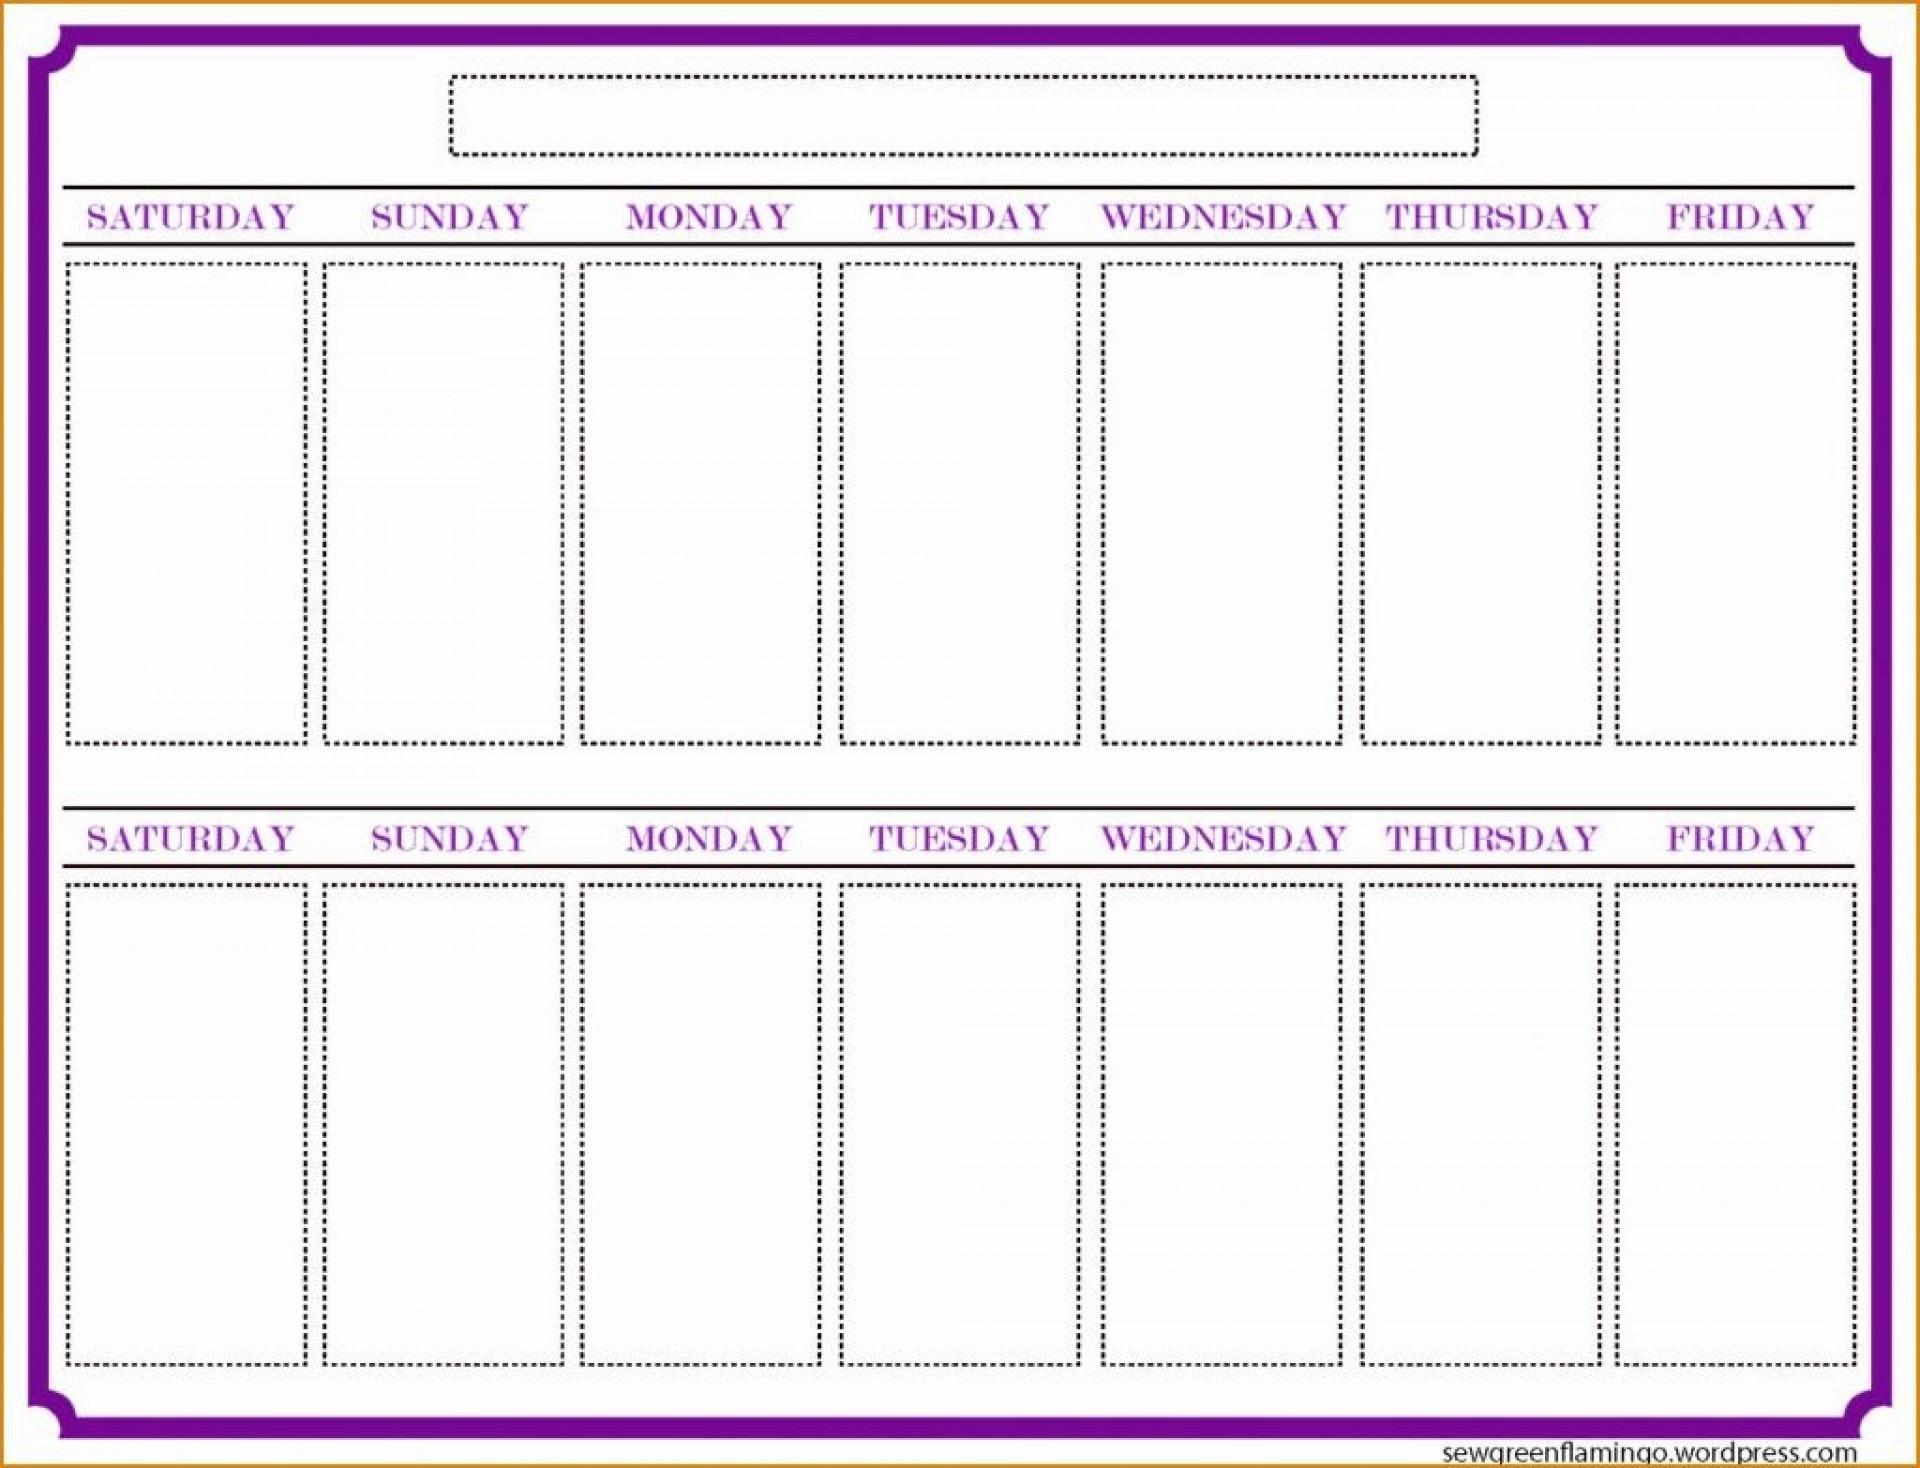 Two Week Alendar Printable Weeks Template Blank Weekly Free | Smorad intended for Two Week Blank Calendar Template